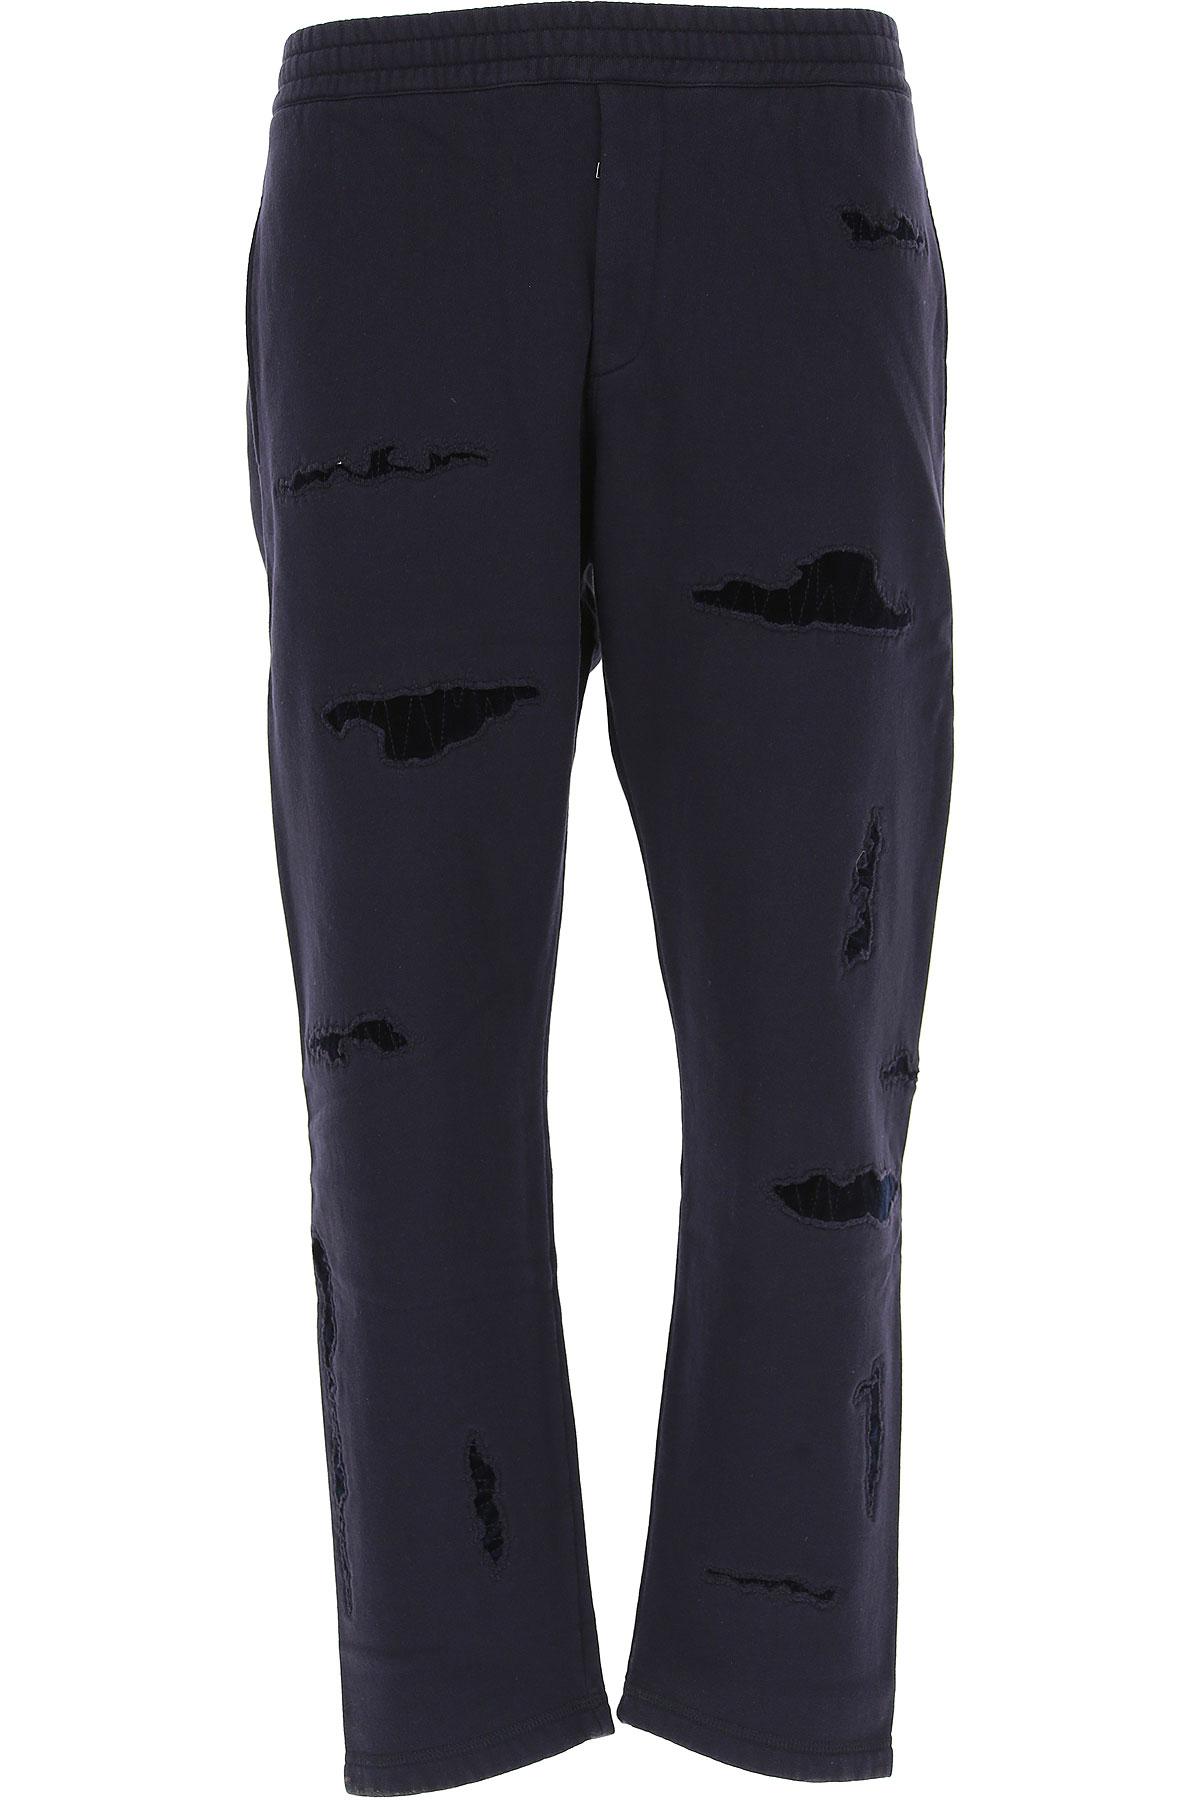 Image of Alexander McQueen Pants for Men, Navy Blue, Cotton, 2017, S